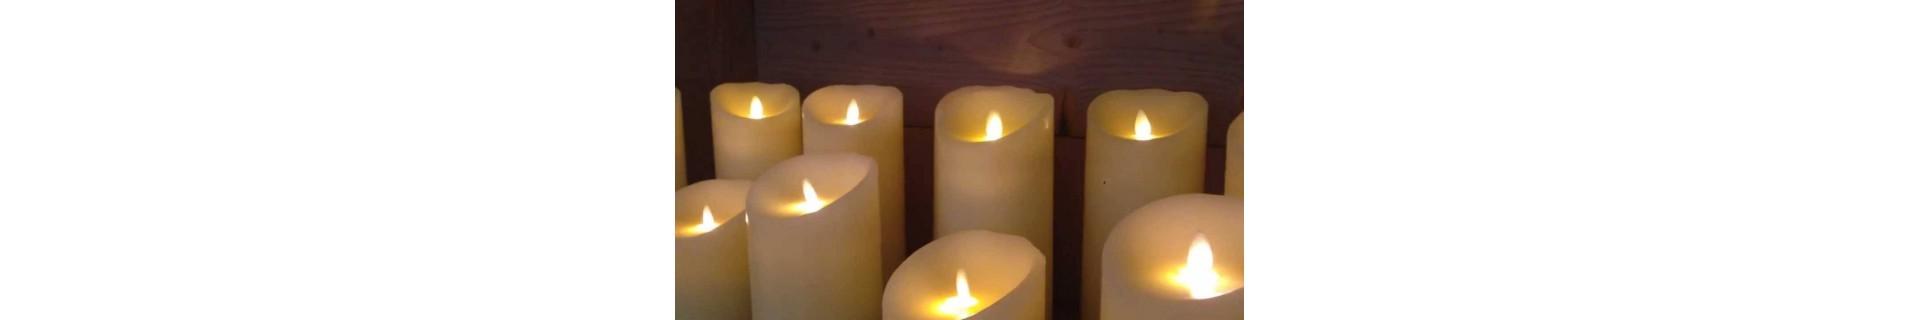 bougies led - vente de bougies led pour mariages